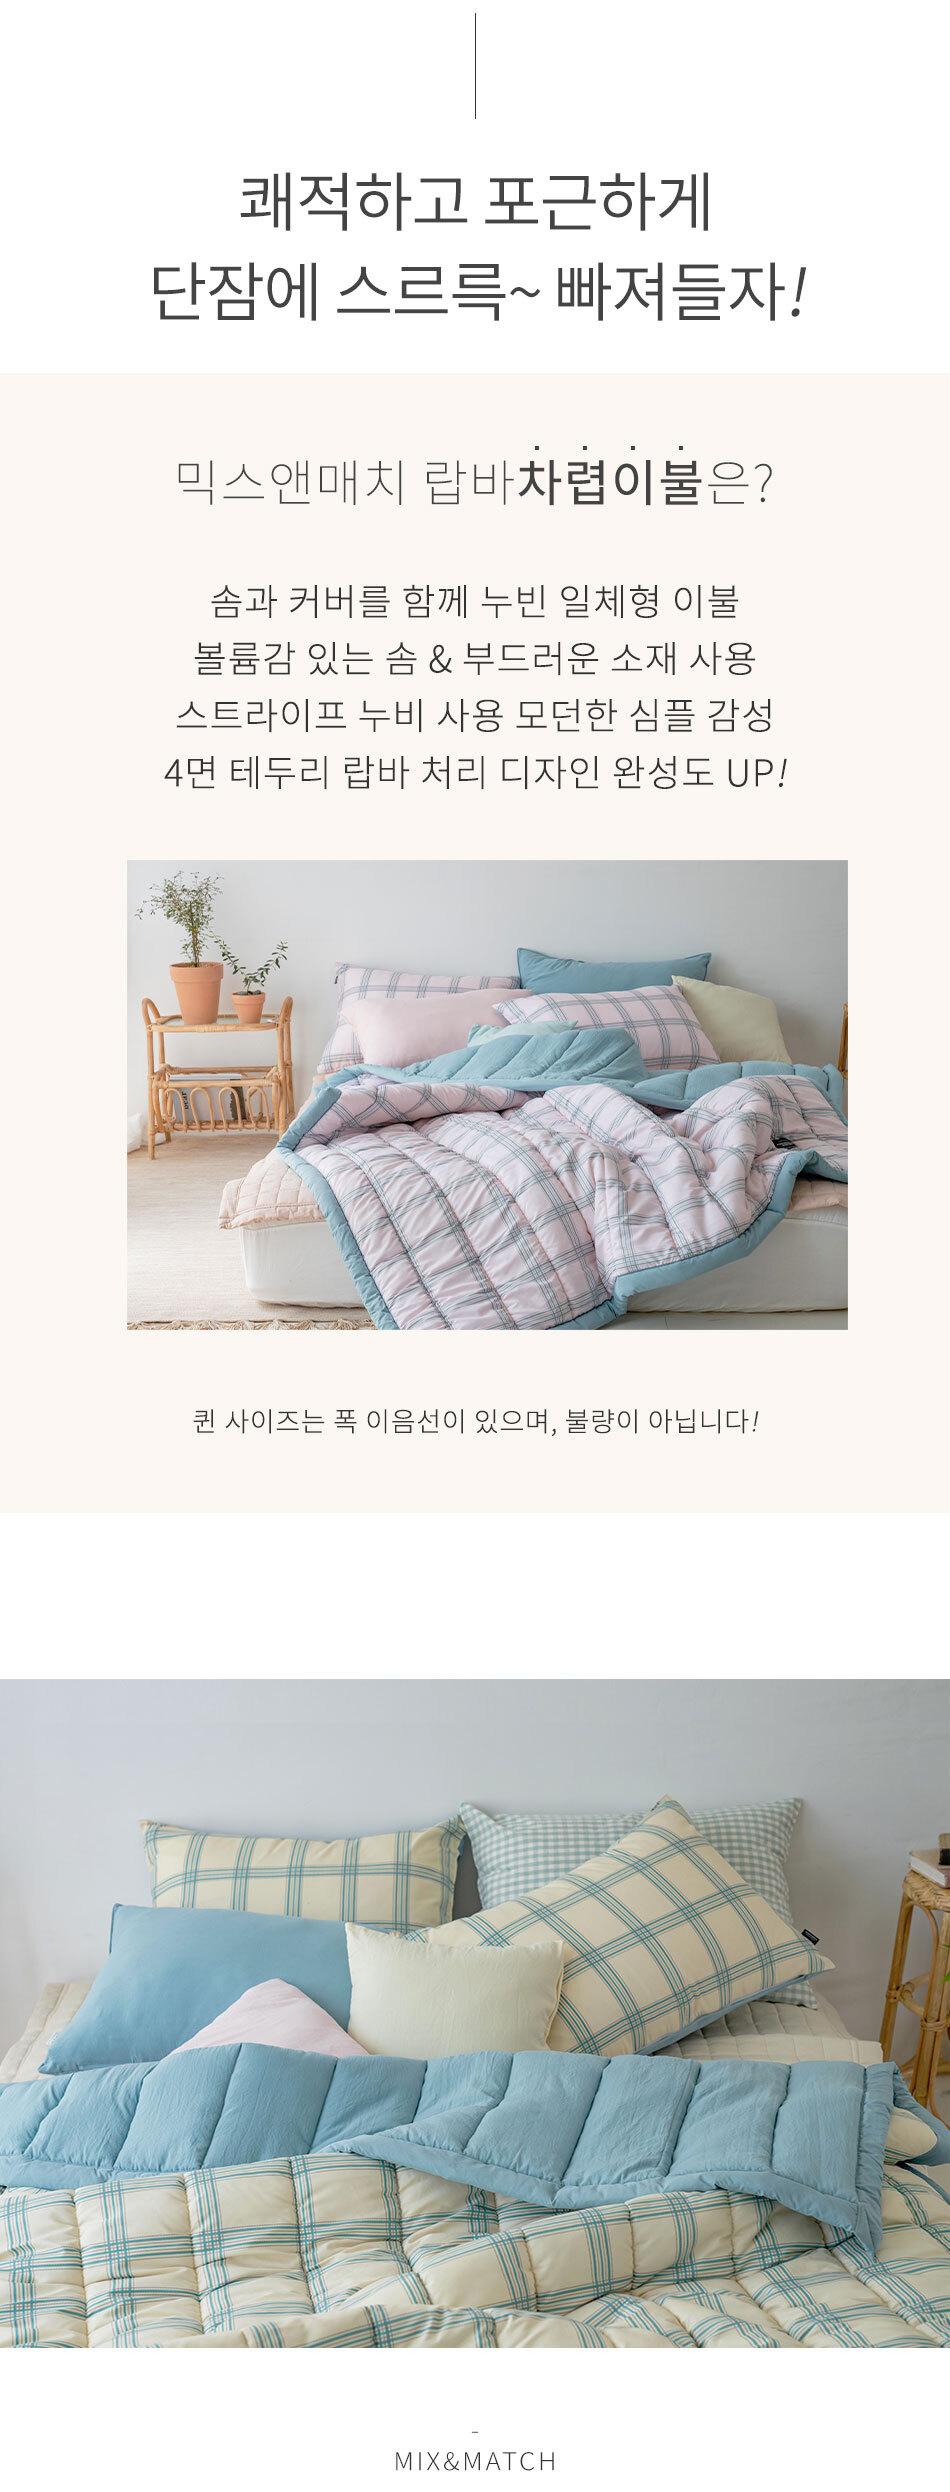 nana_bed_04.jpg